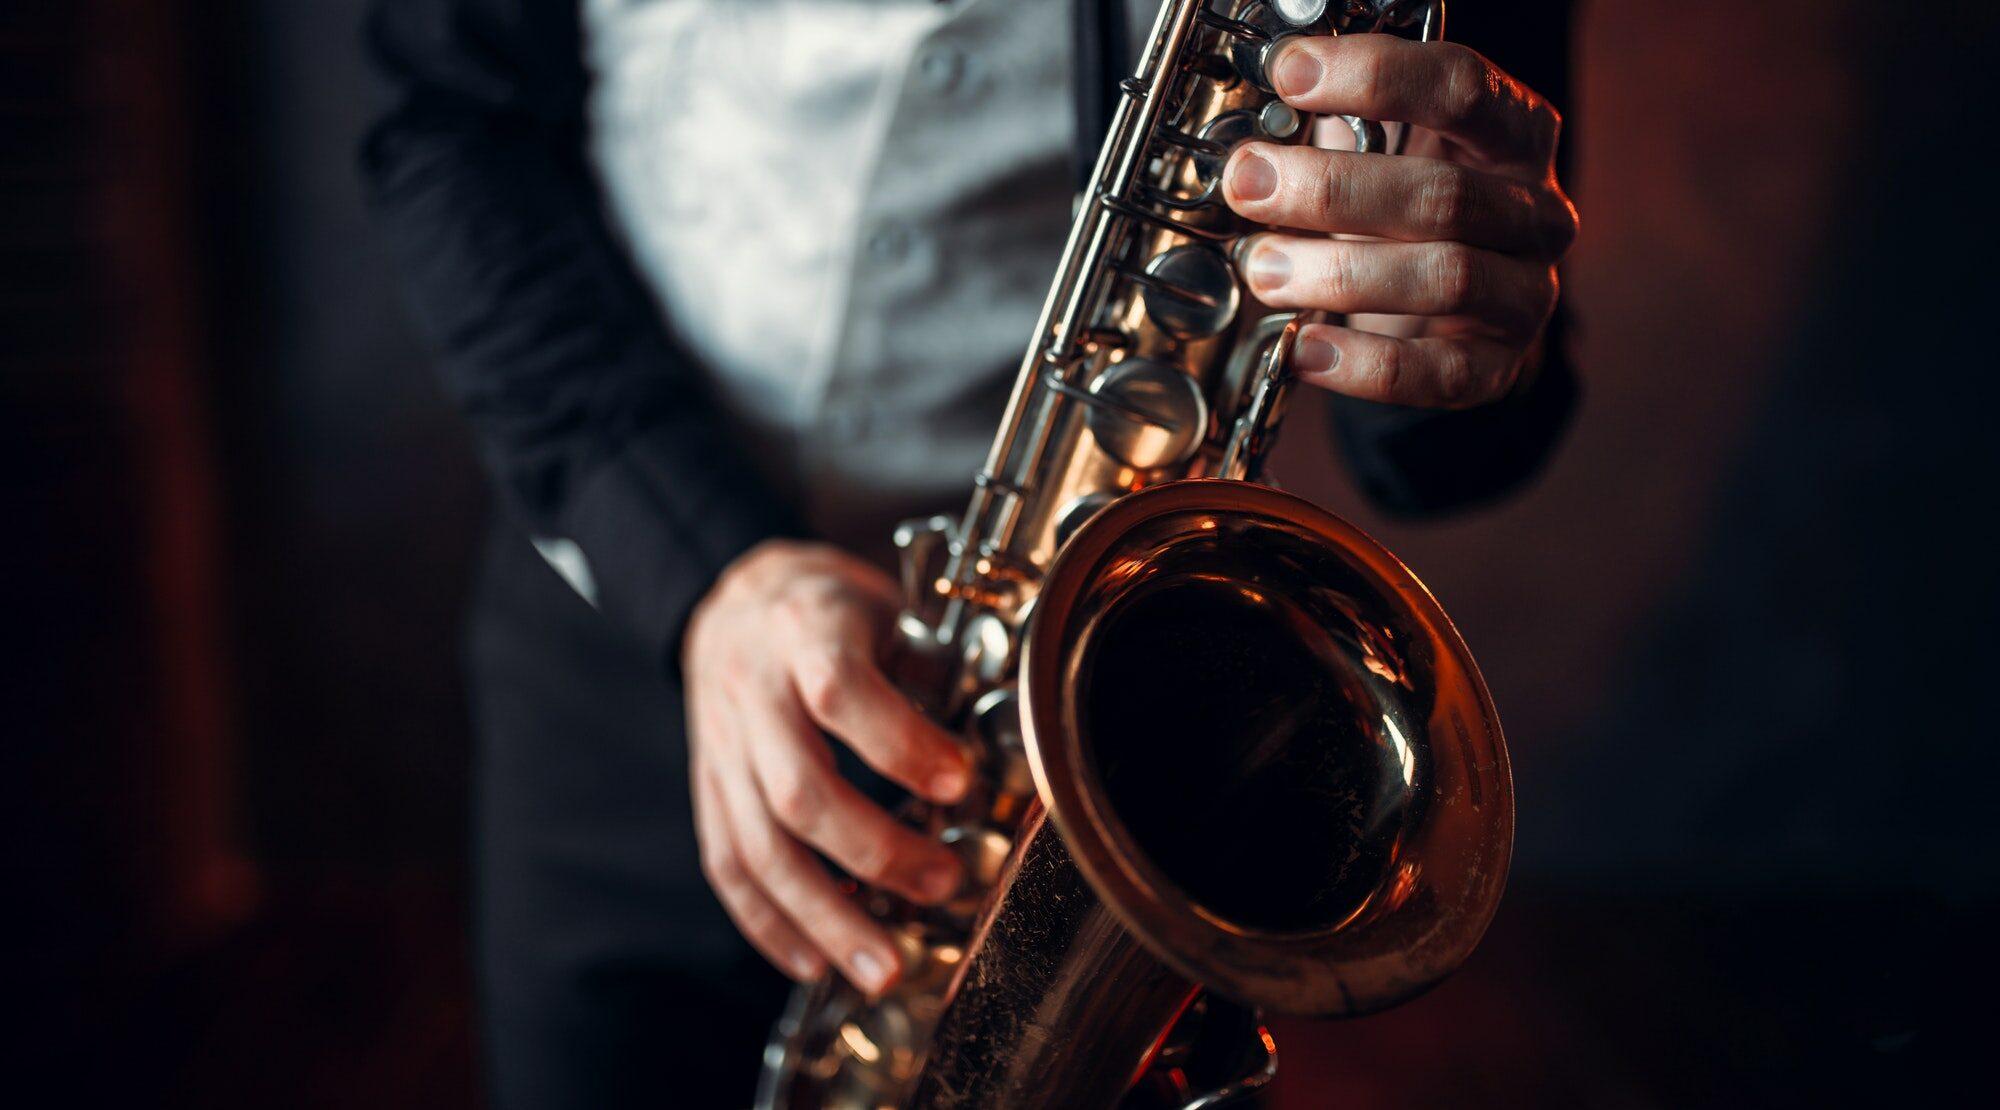 locandina di Ravenna Jazz Festival, il programma di concerti da luglio a novembre